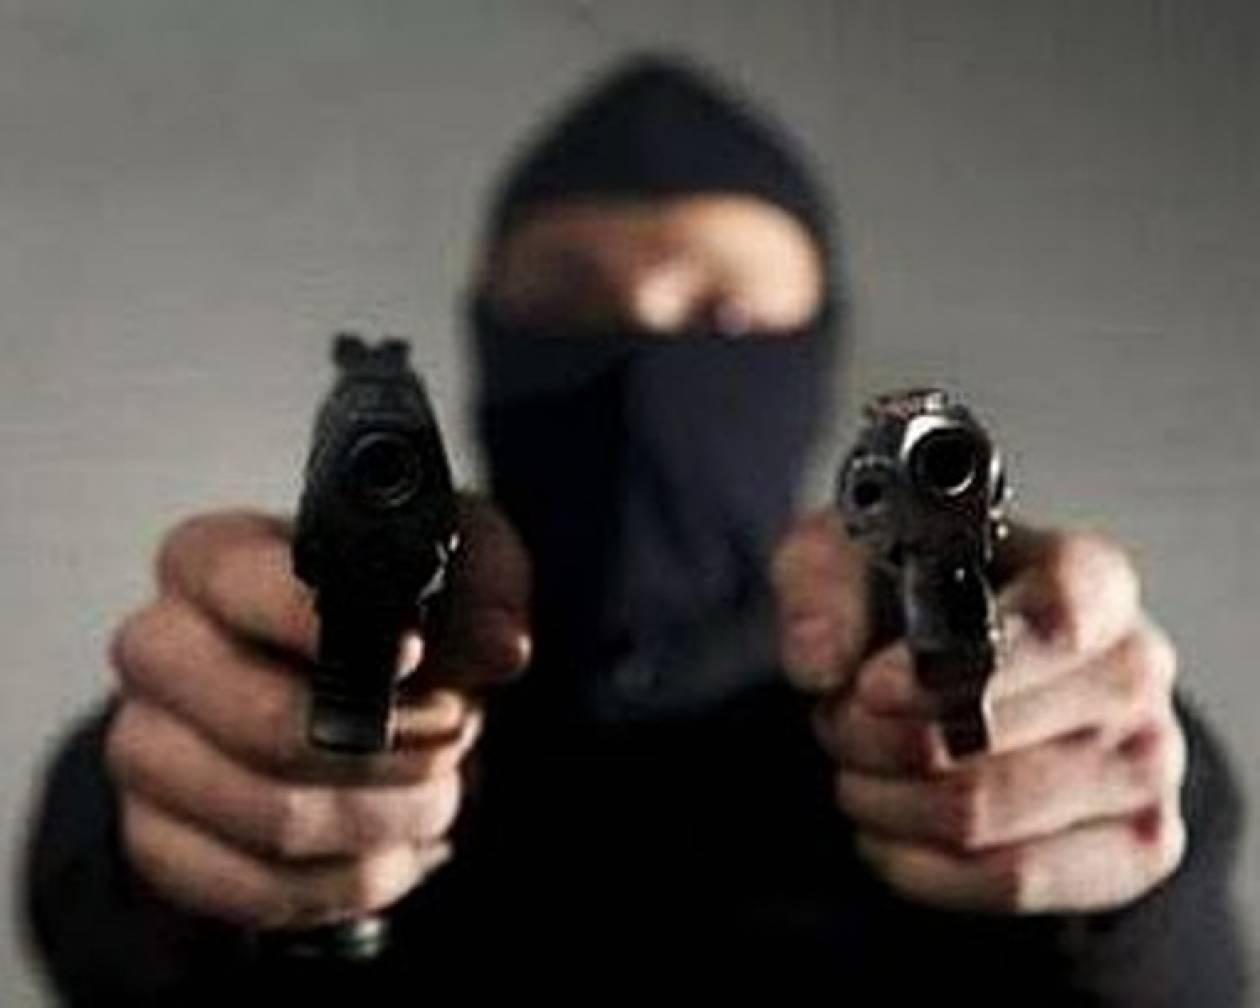 Χειροπέδες σε νονό της νύχτας για απόπειρα δολοφονίας